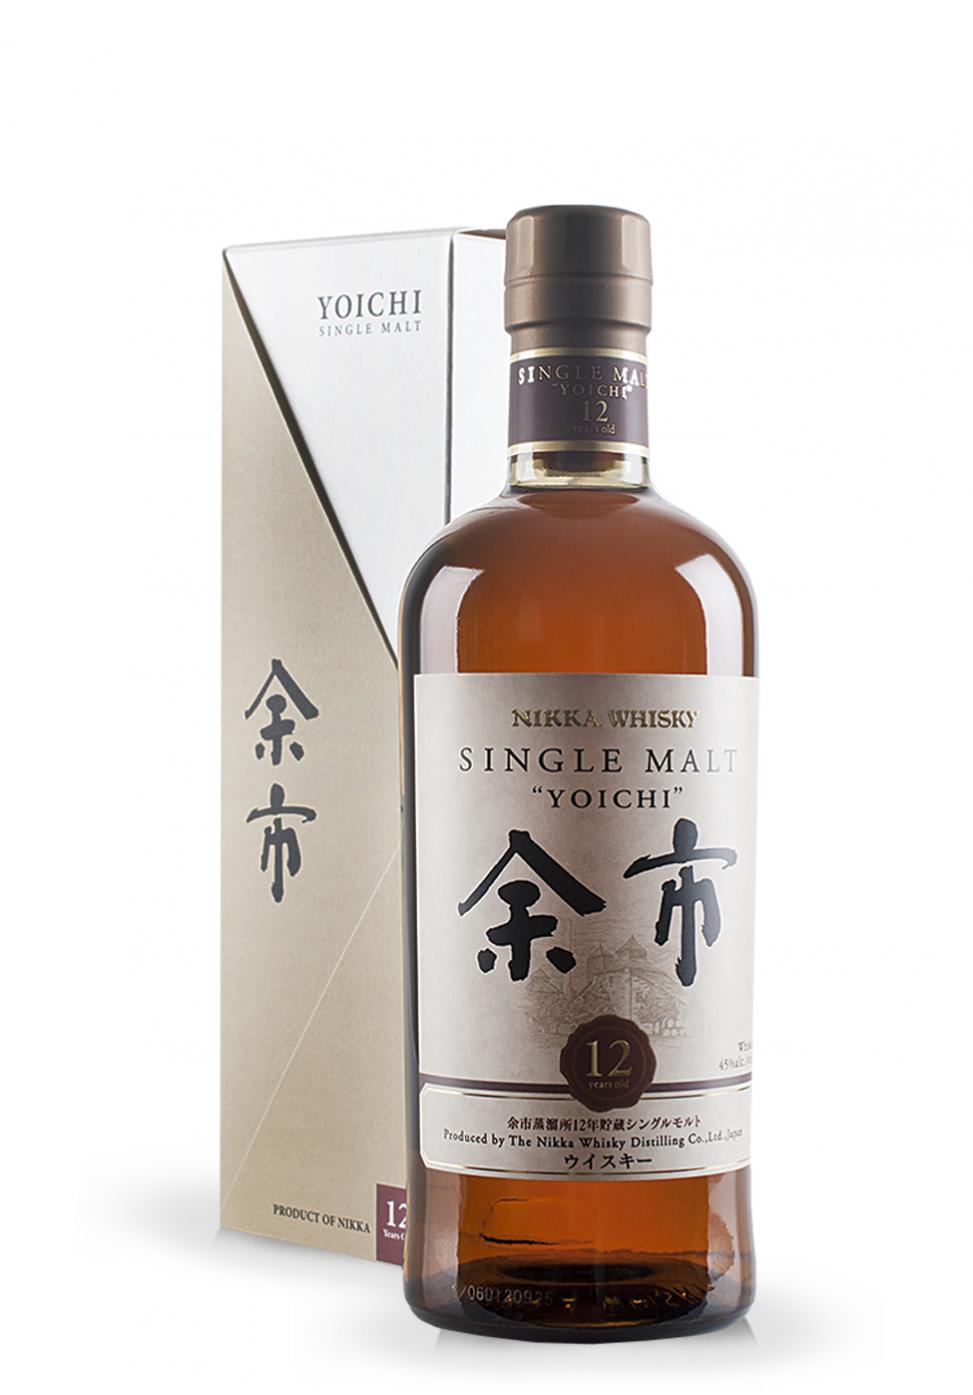 nikki yoichi whisky man man